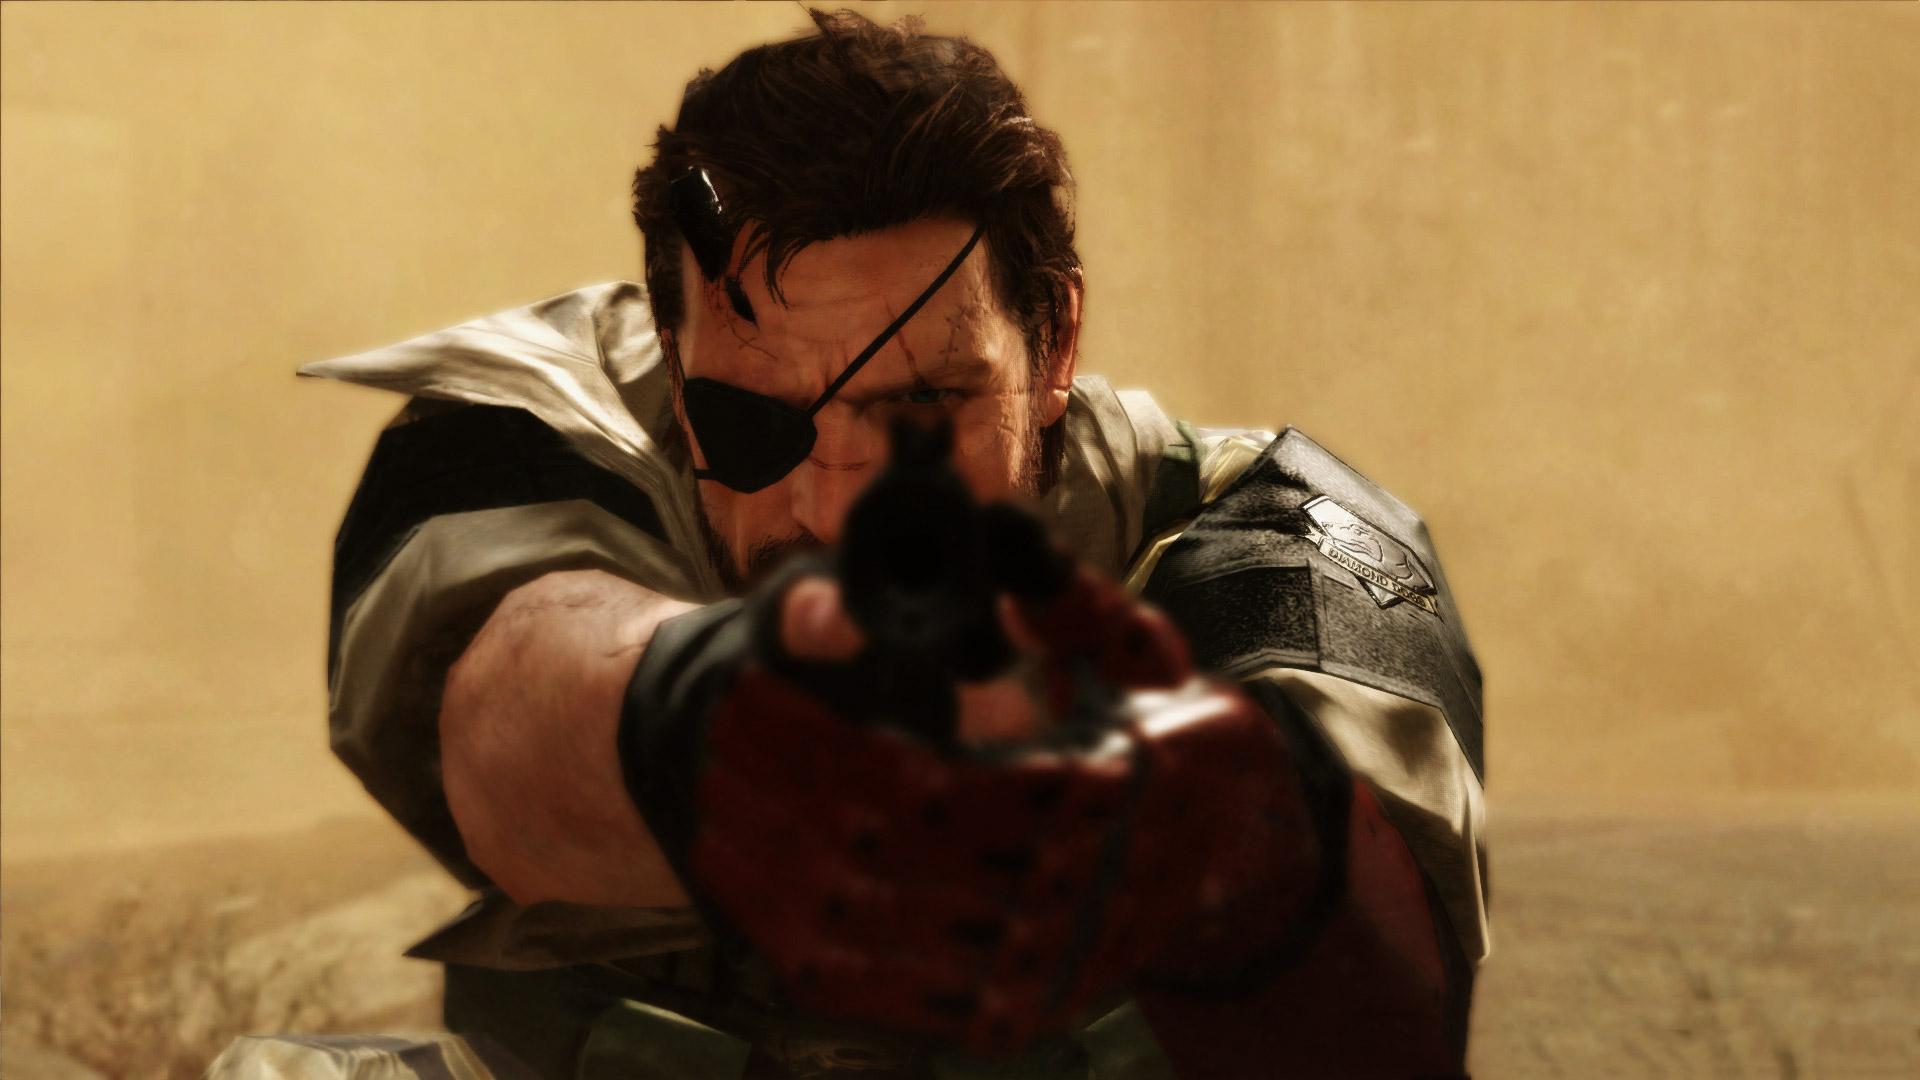 Metal Gear Solid V The Phantom Pain Wallpaper 4 Wallpapersbq